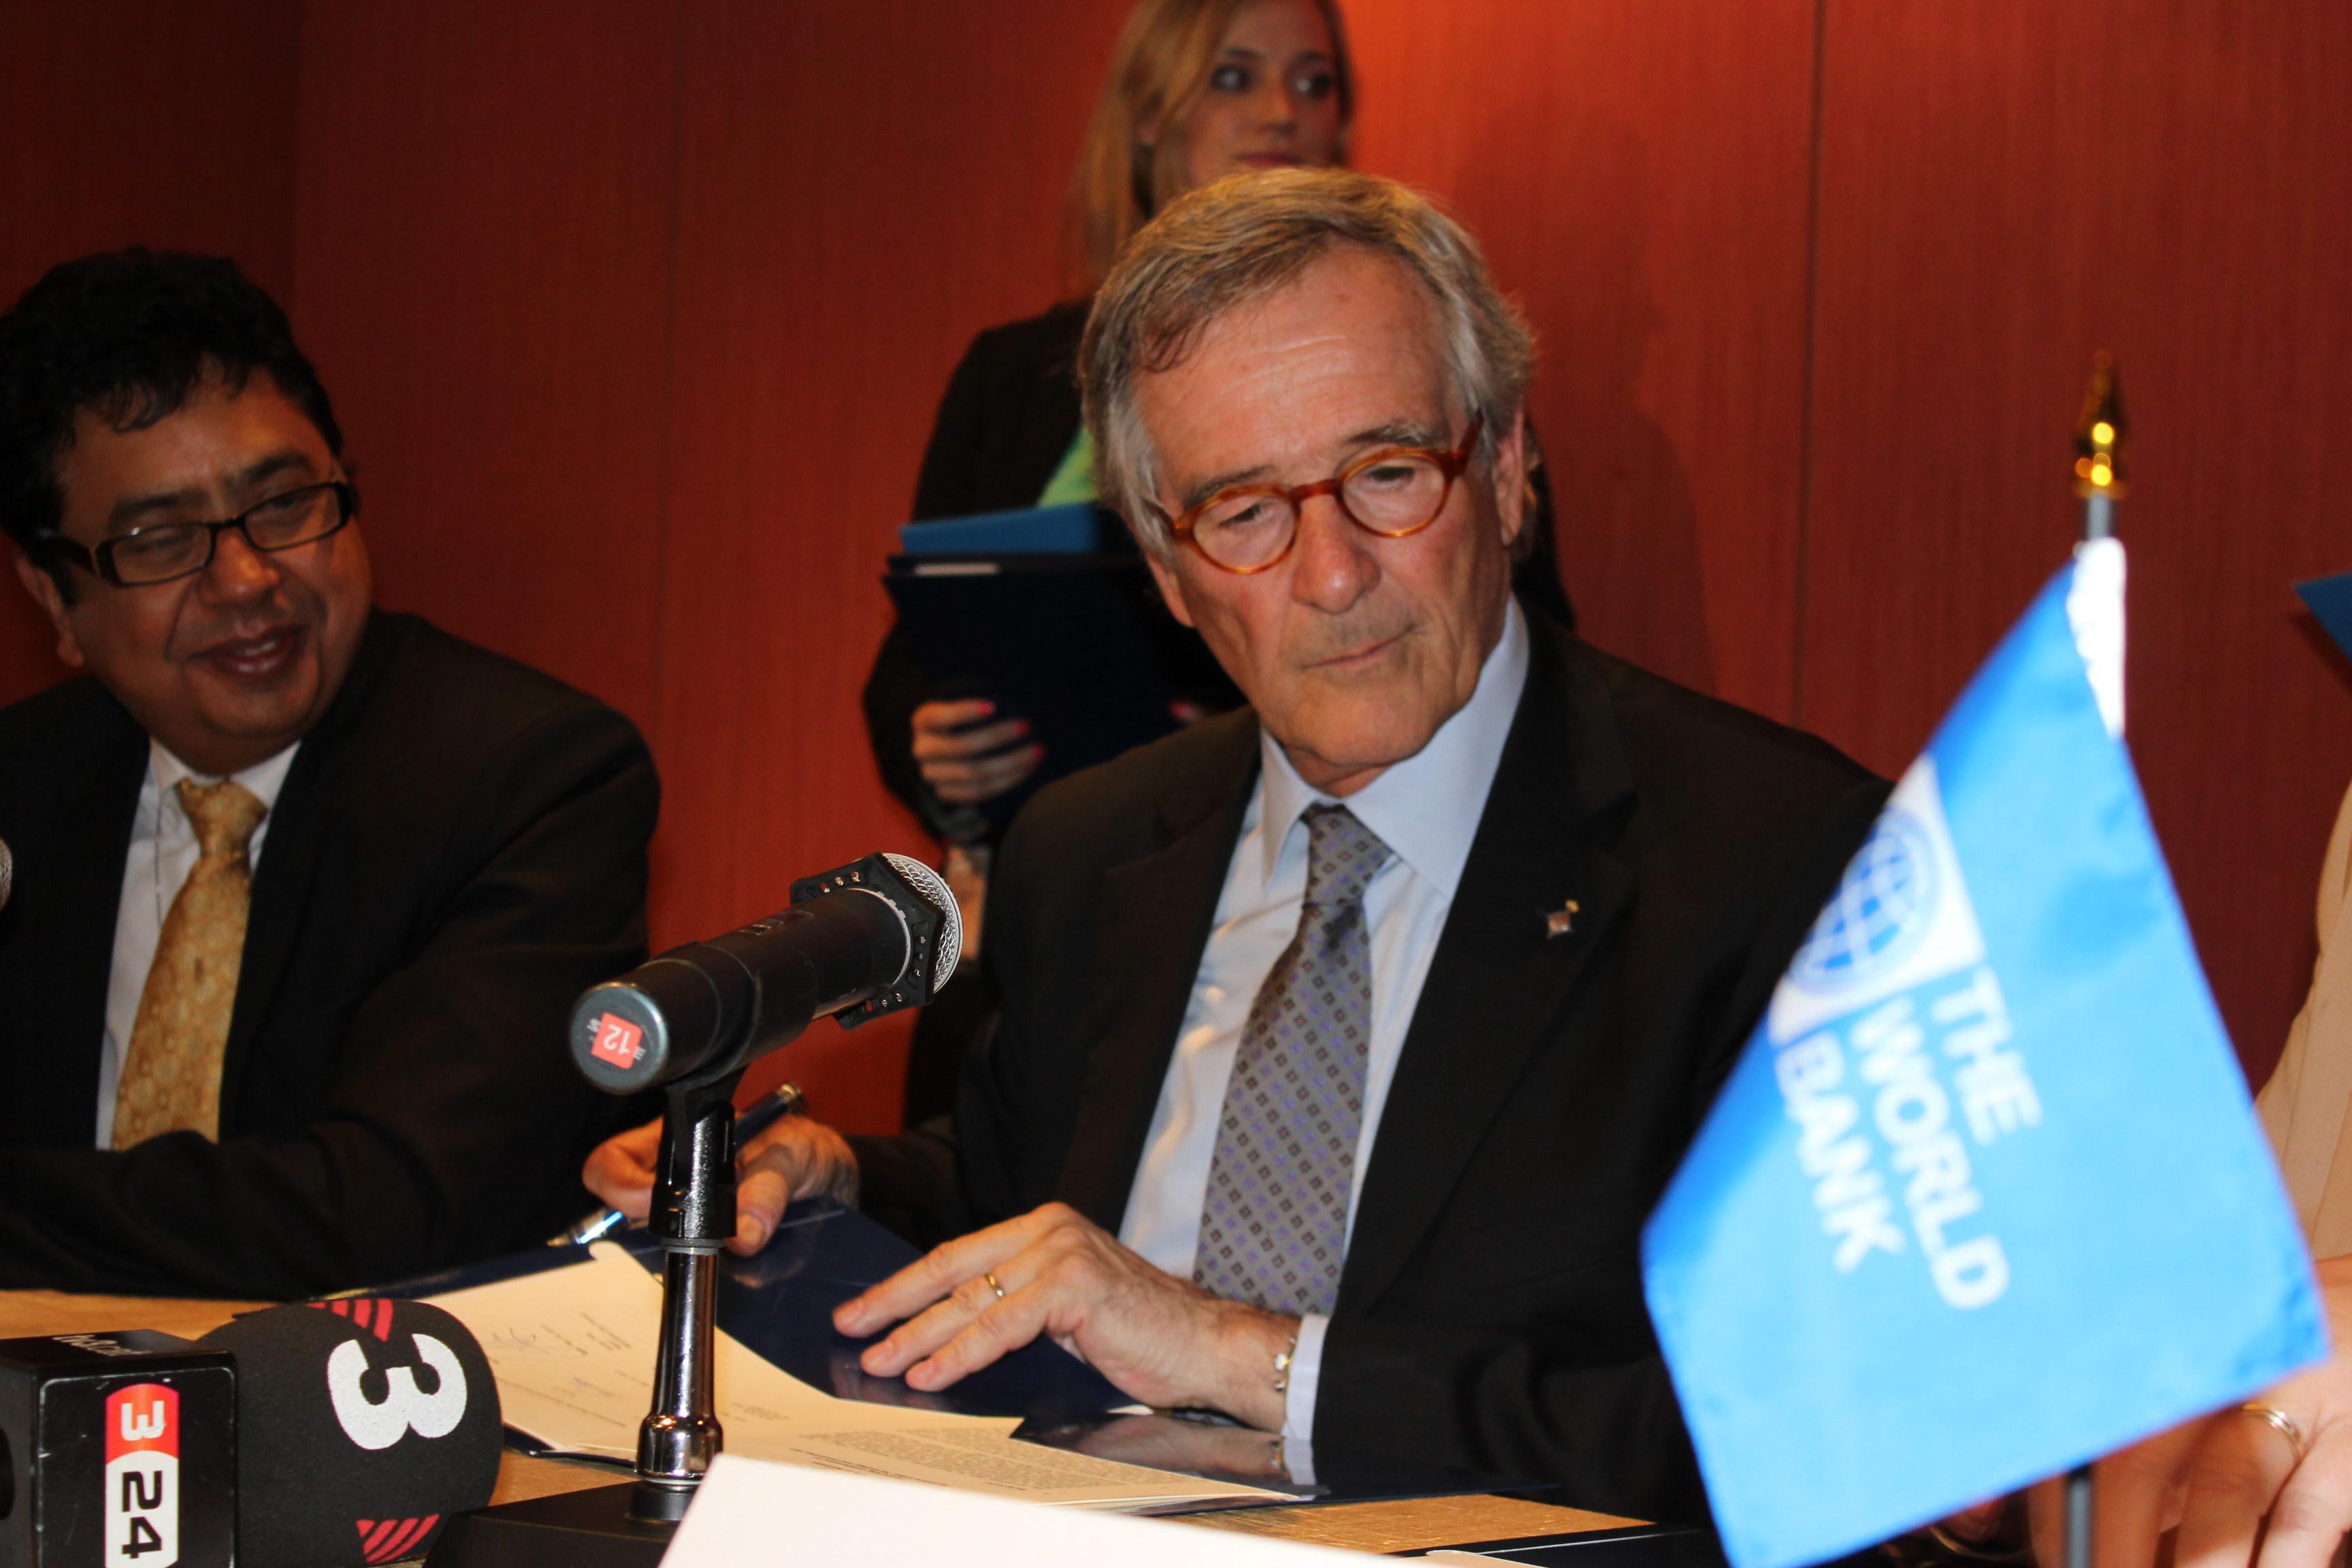 El alcalde de Barcelona informa de que el COI desaconseja presentarse para 2022